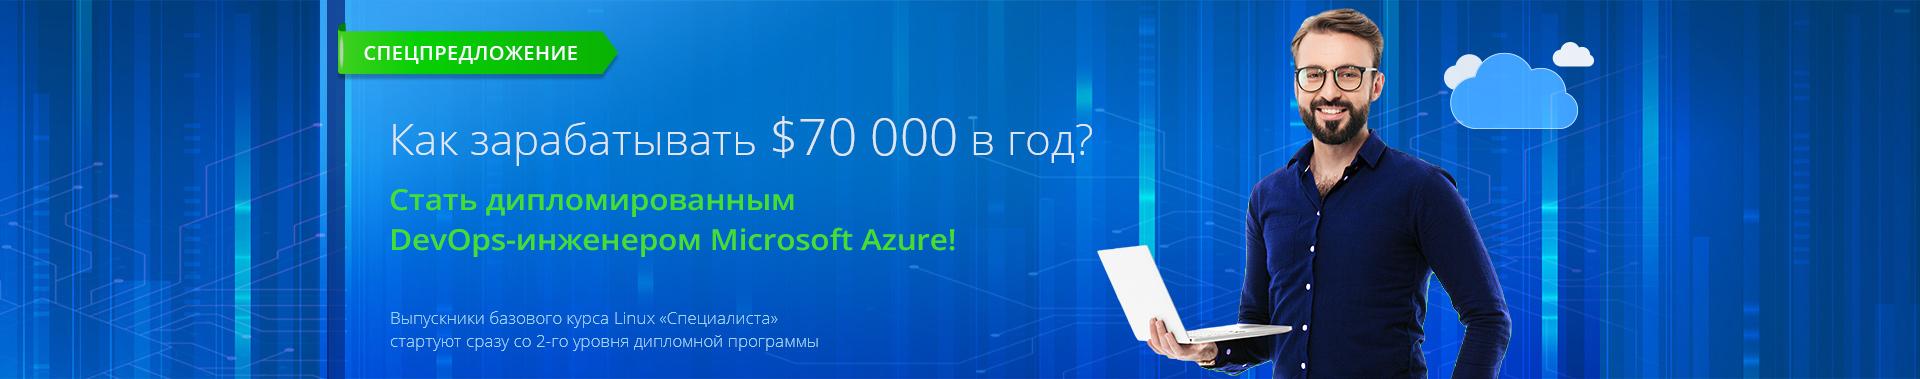 Спецпредложение. Стань дипломированным инженером Microsoft Azure DevOps